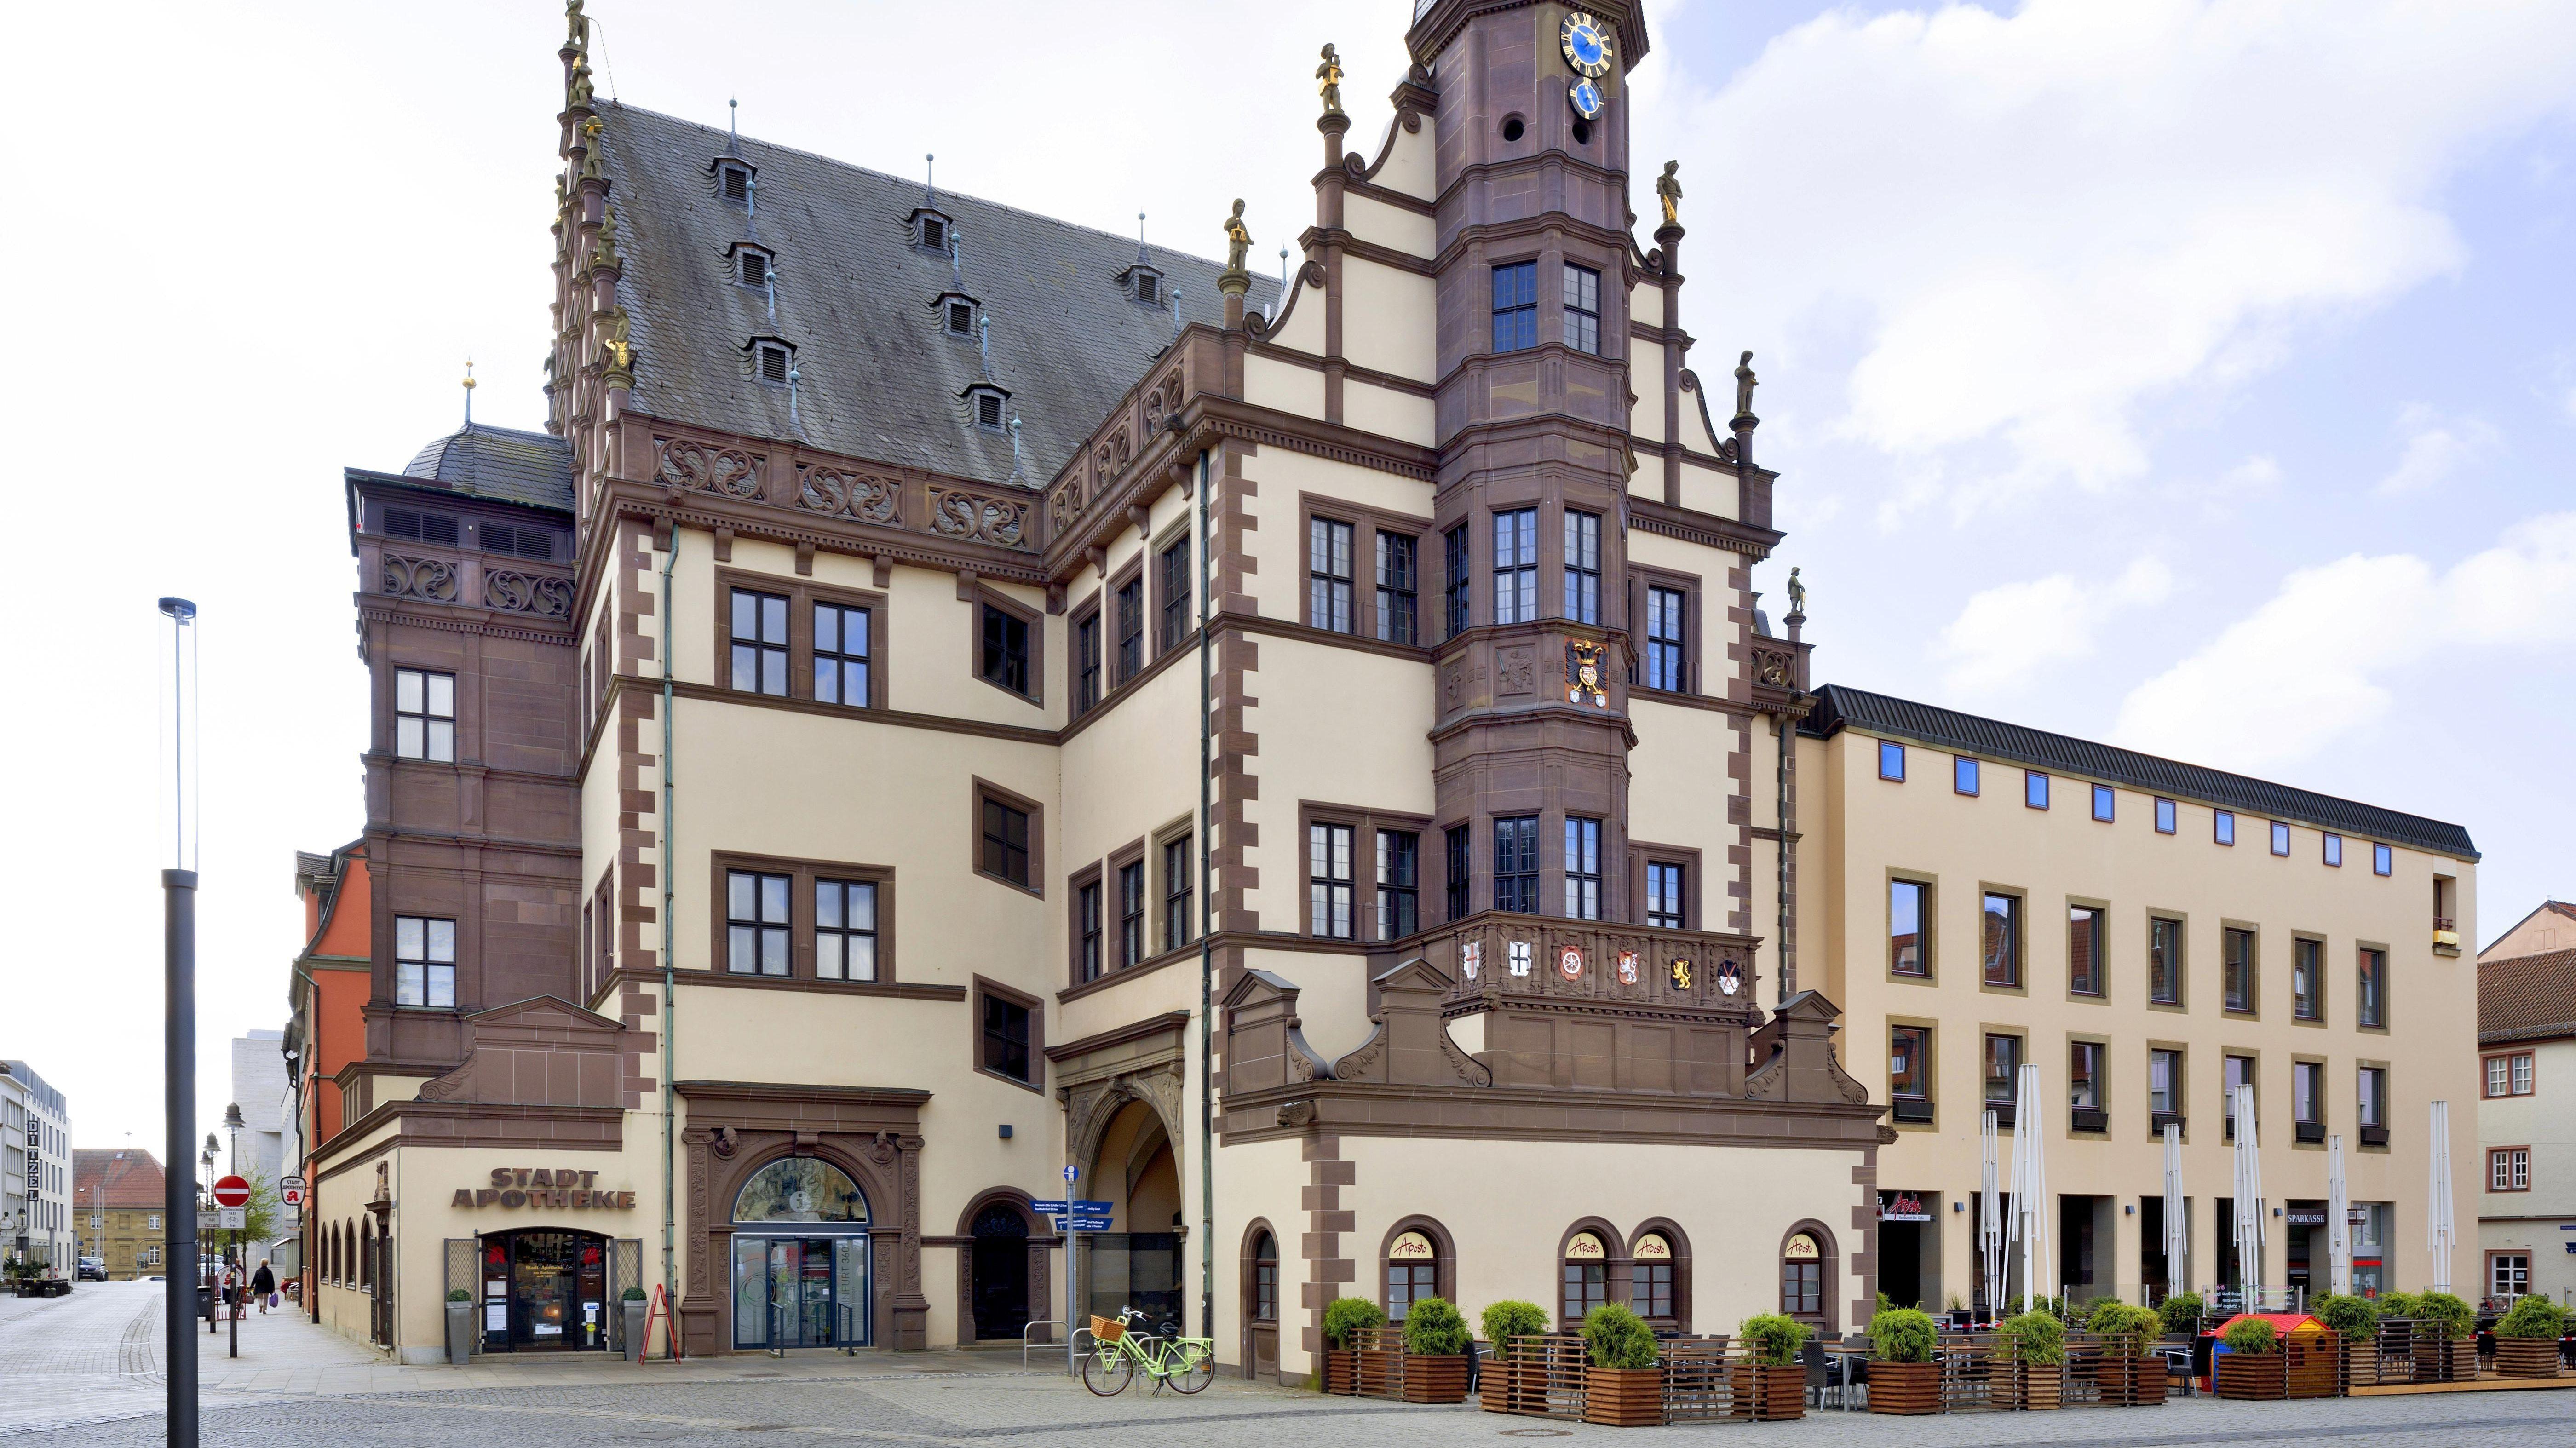 Gewerbesteuereinnahmen in Schweinfurt gehen massiv zurück